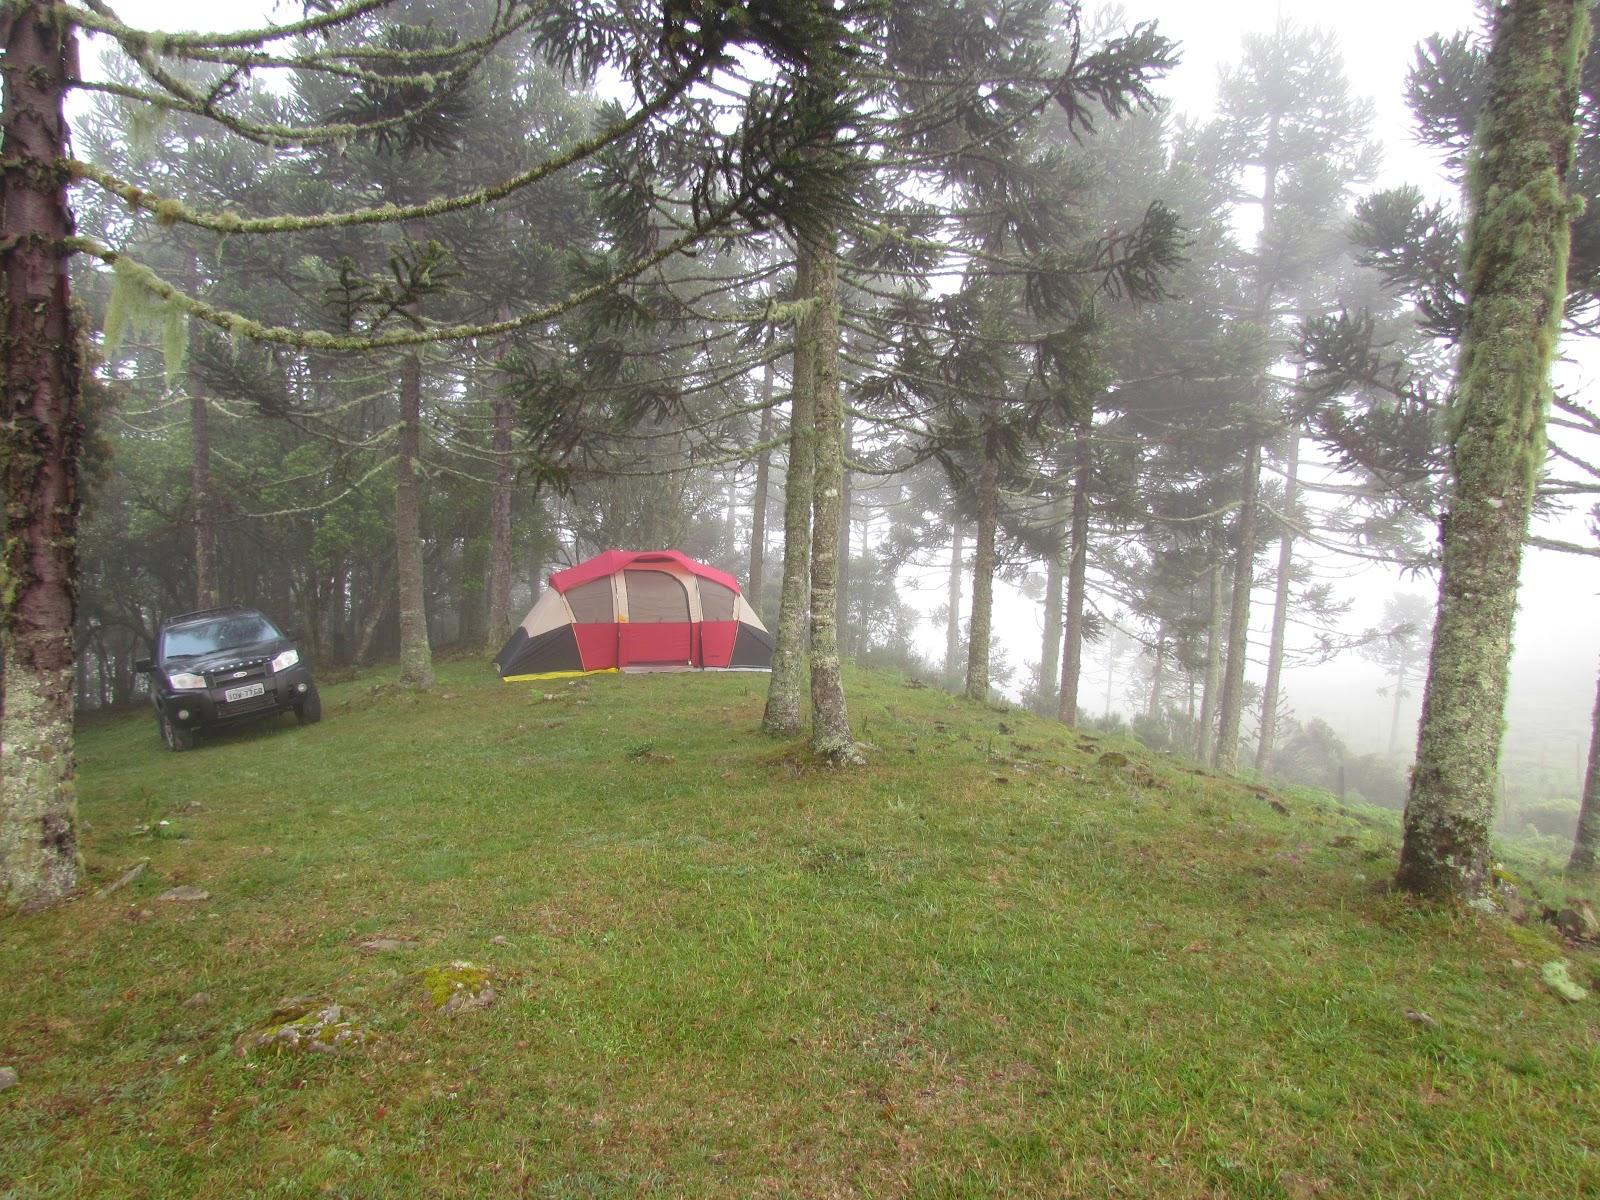 Imagens de #757540 Nosso Guia de Campings: BRASIL RS: Camping em São José dos  1600x1200 px 3122 Box Banheiro Acrilico Sao Jose Sc